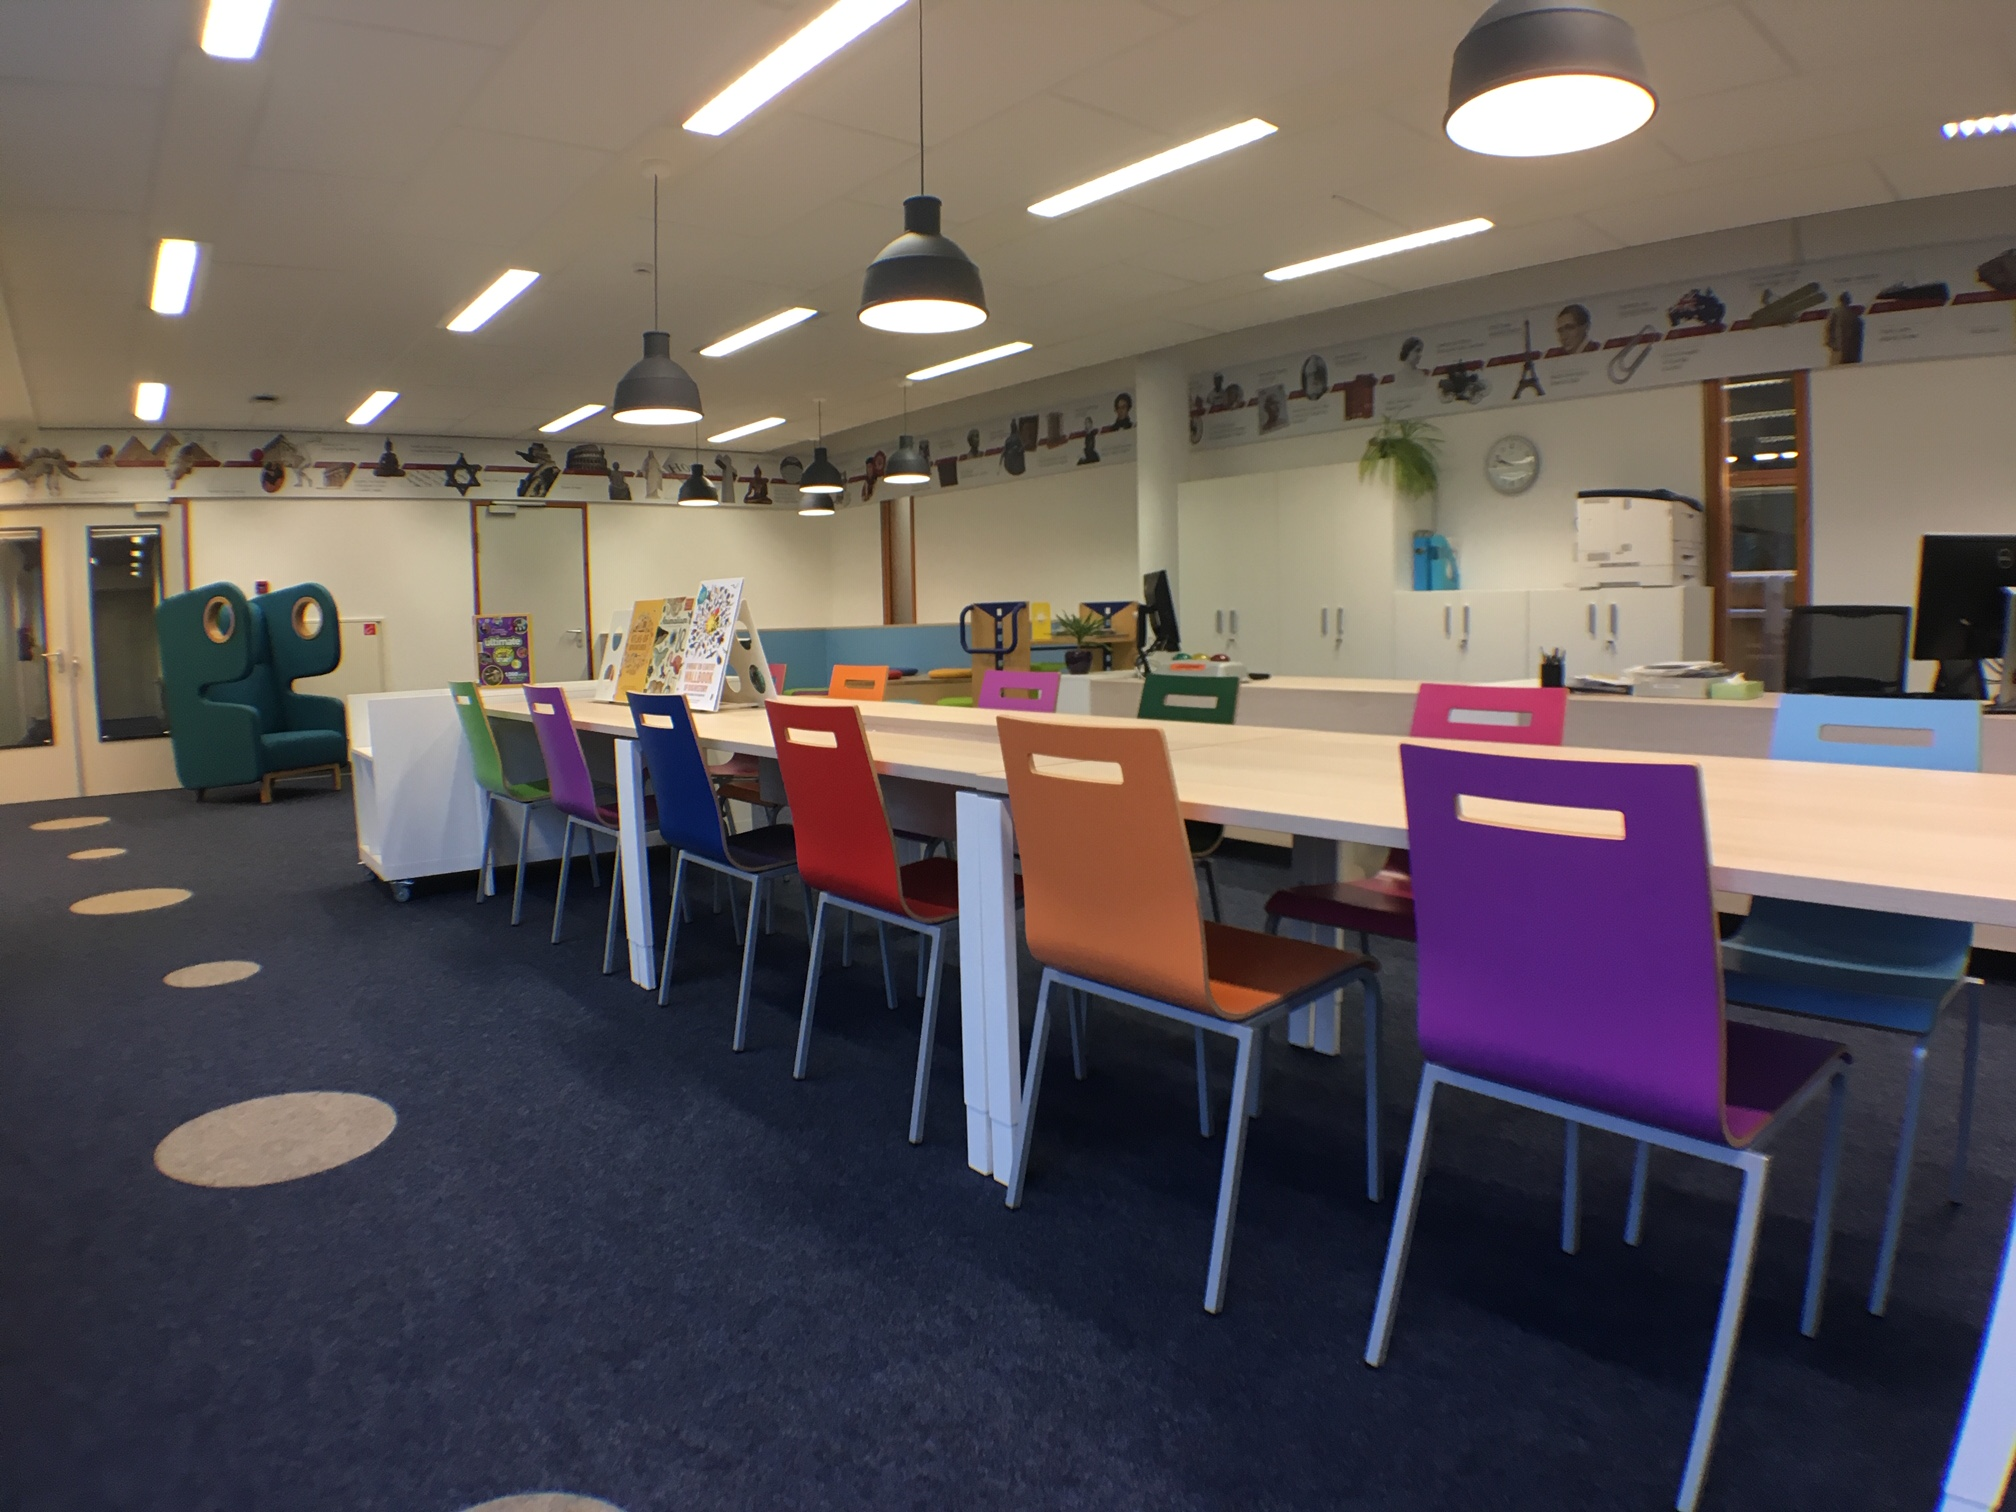 leestafel kinderbibliotheek Heering Office Den Haag